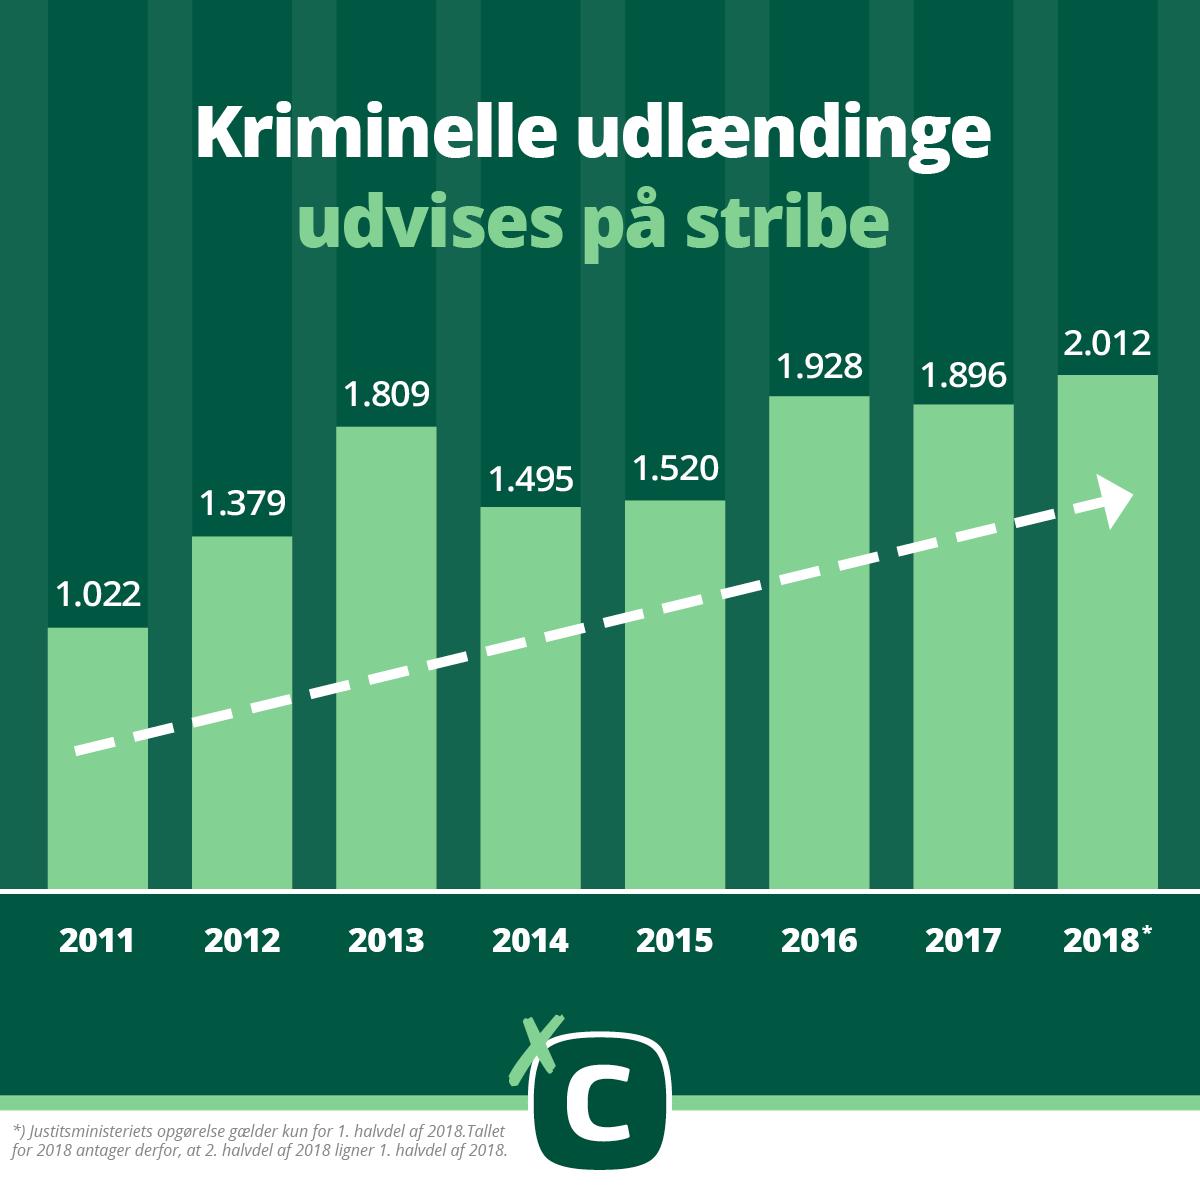 Diagram: Kriminelle udlændinge udvises på stribe